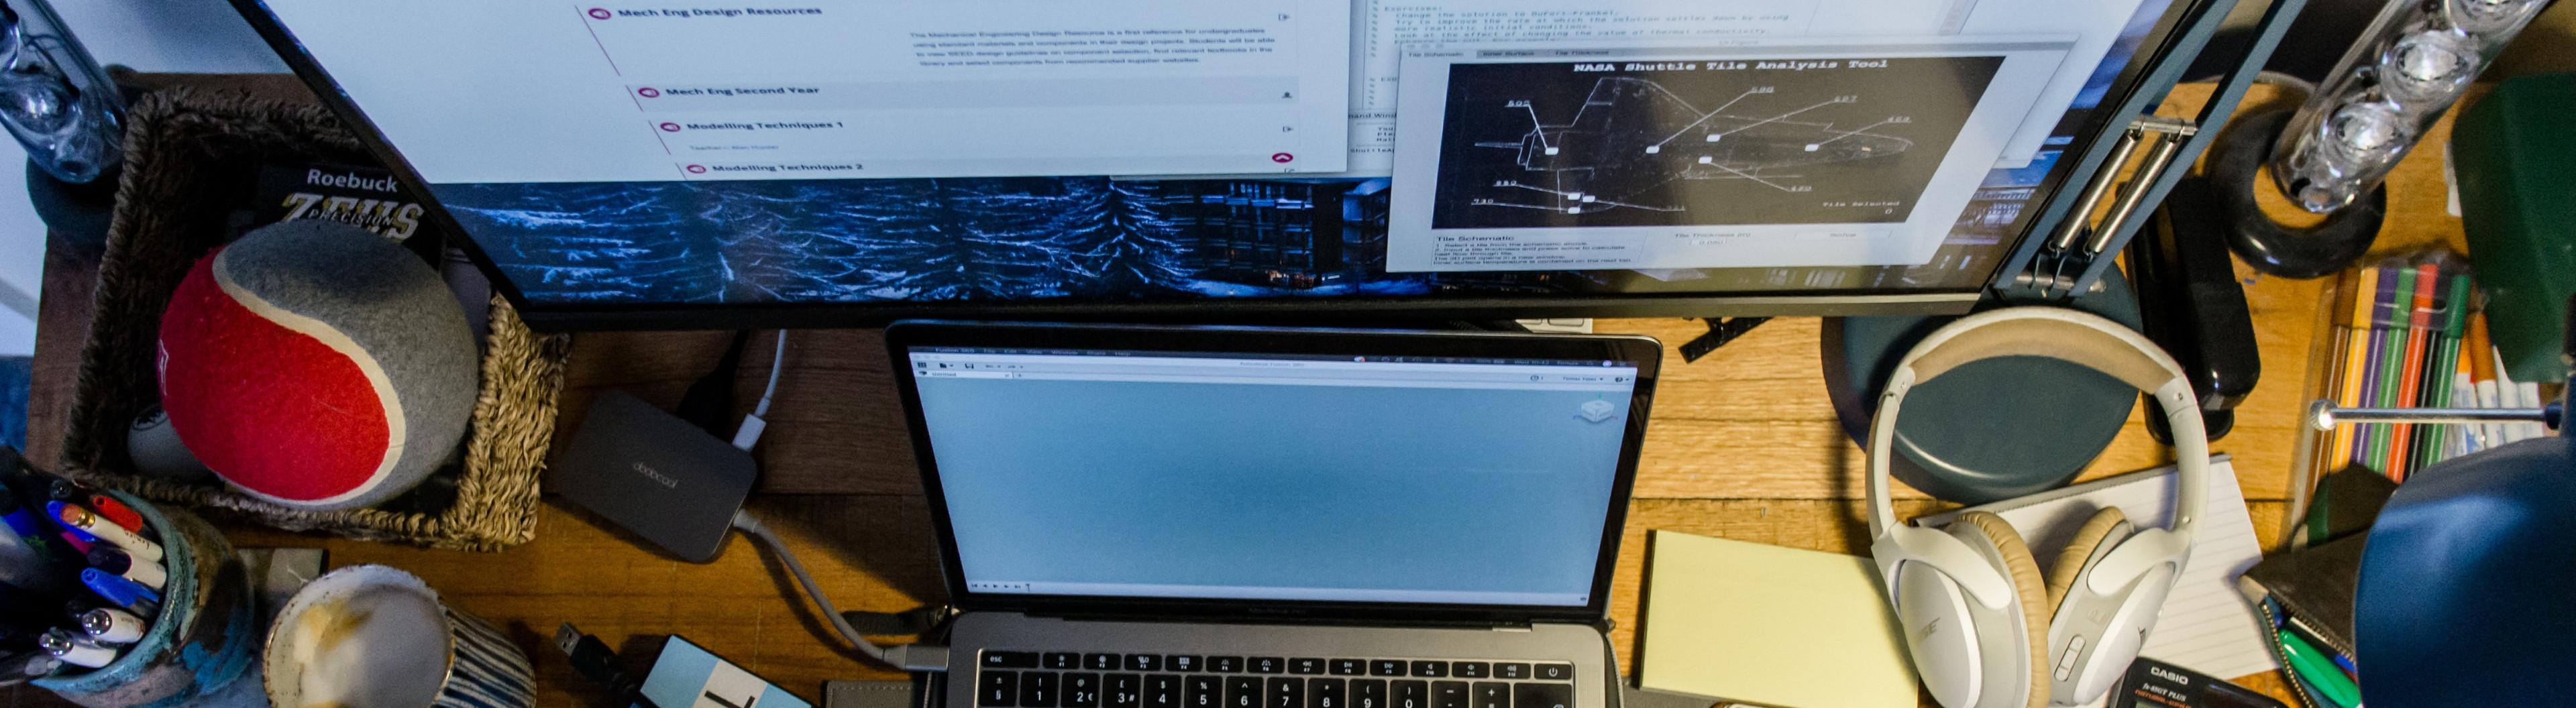 Schreibtisch mit Laptop, Taschenrechner, Bildschirm, Kopfhörern und Schreibutensilien